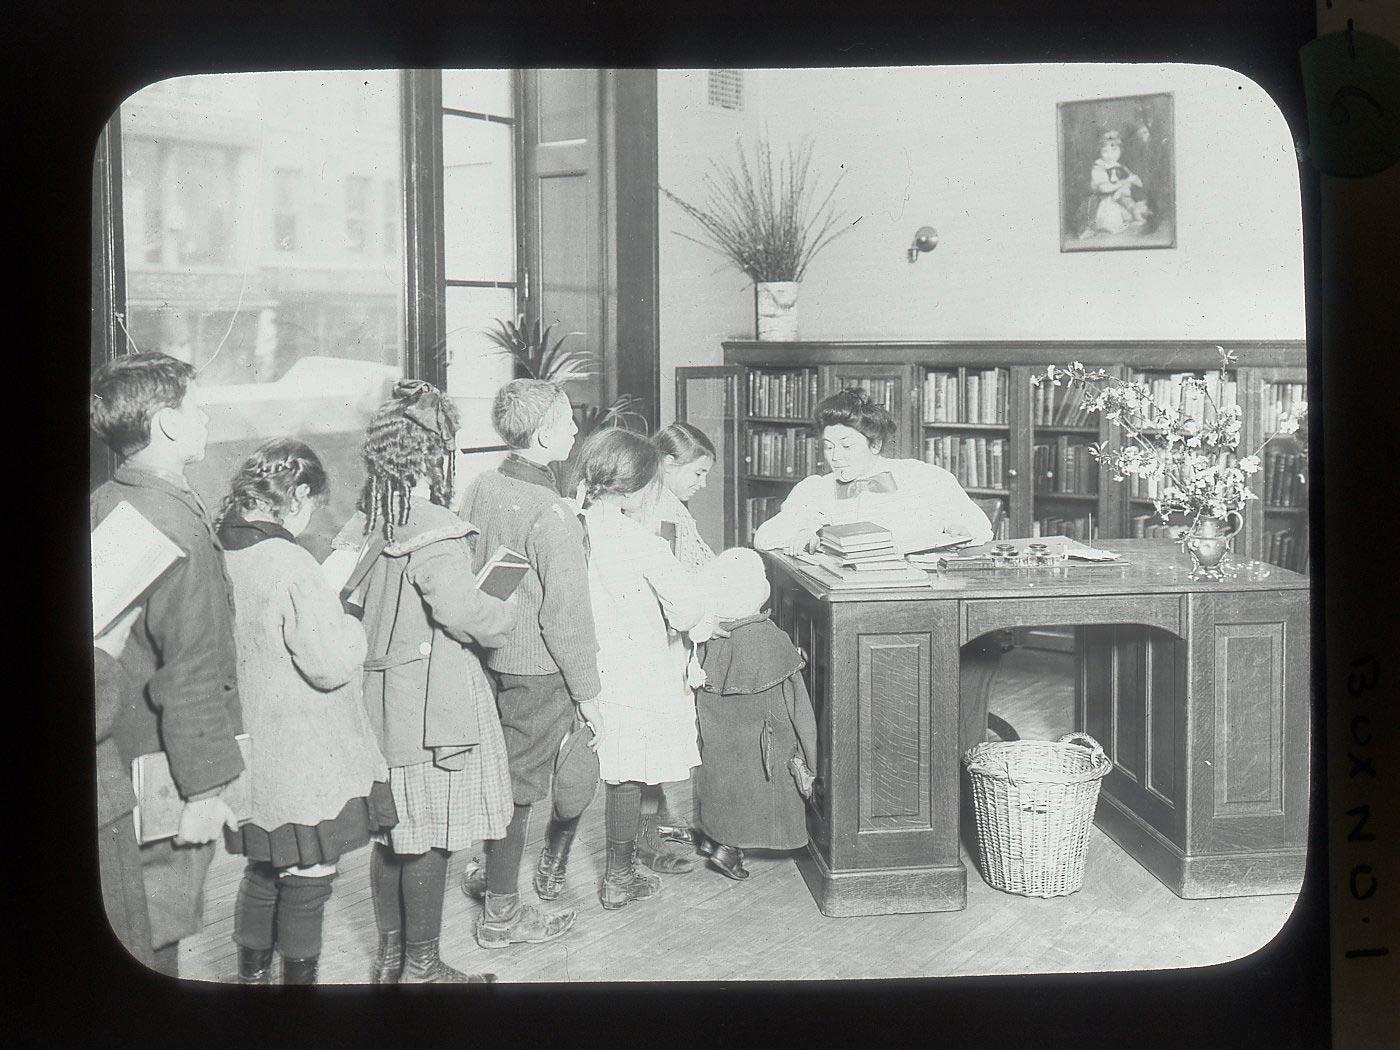 npr news ny public library 2